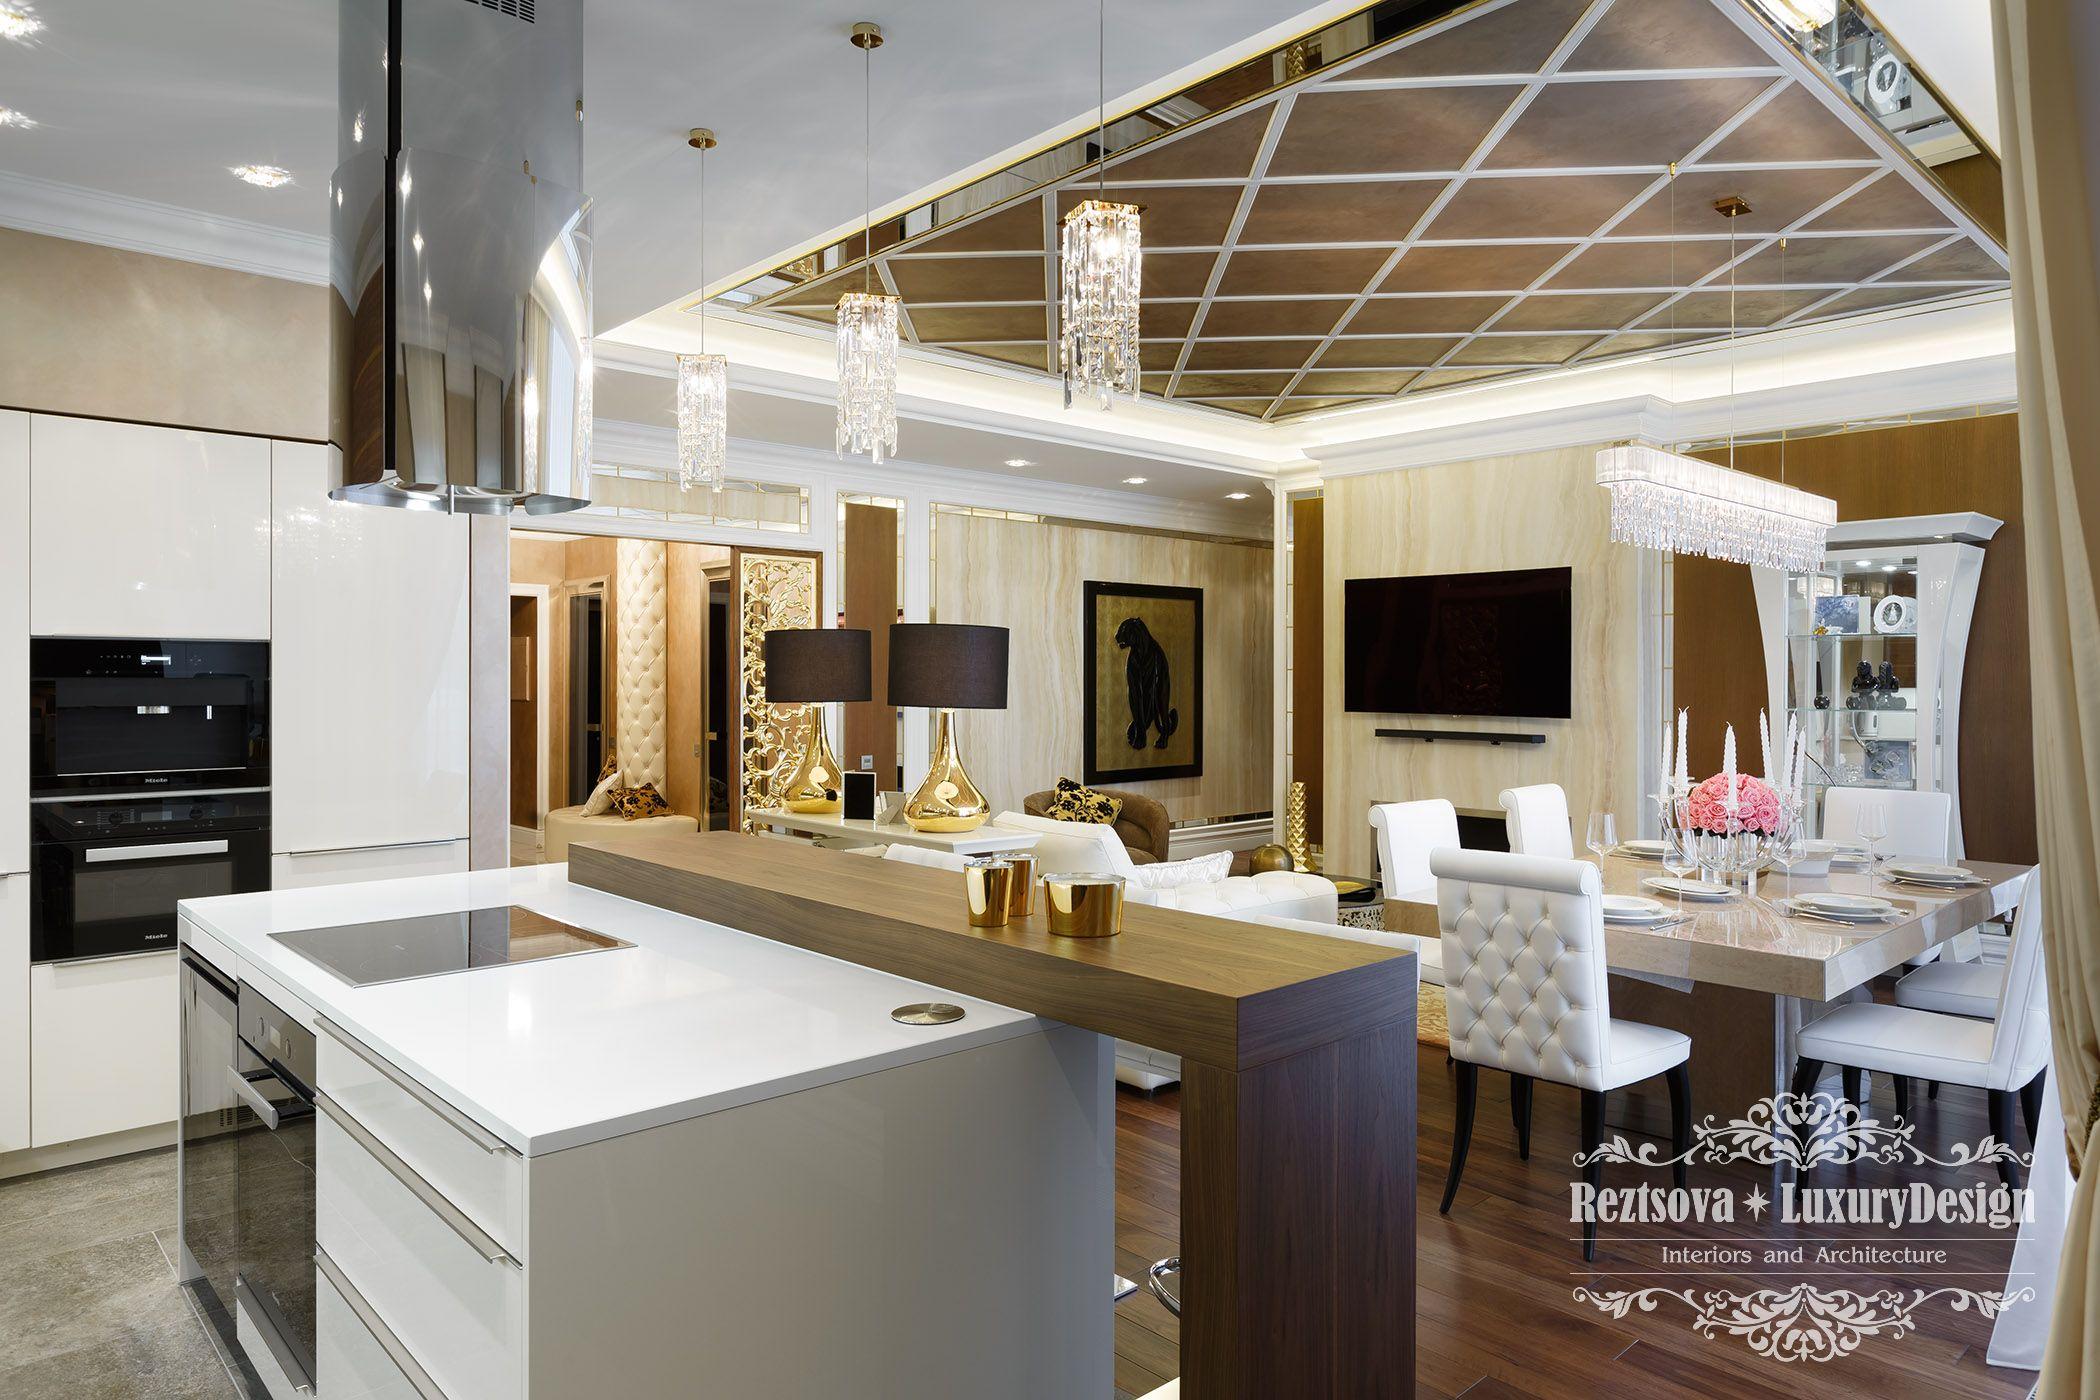 Заказать дизайн интерьера квартиры в жк диадема